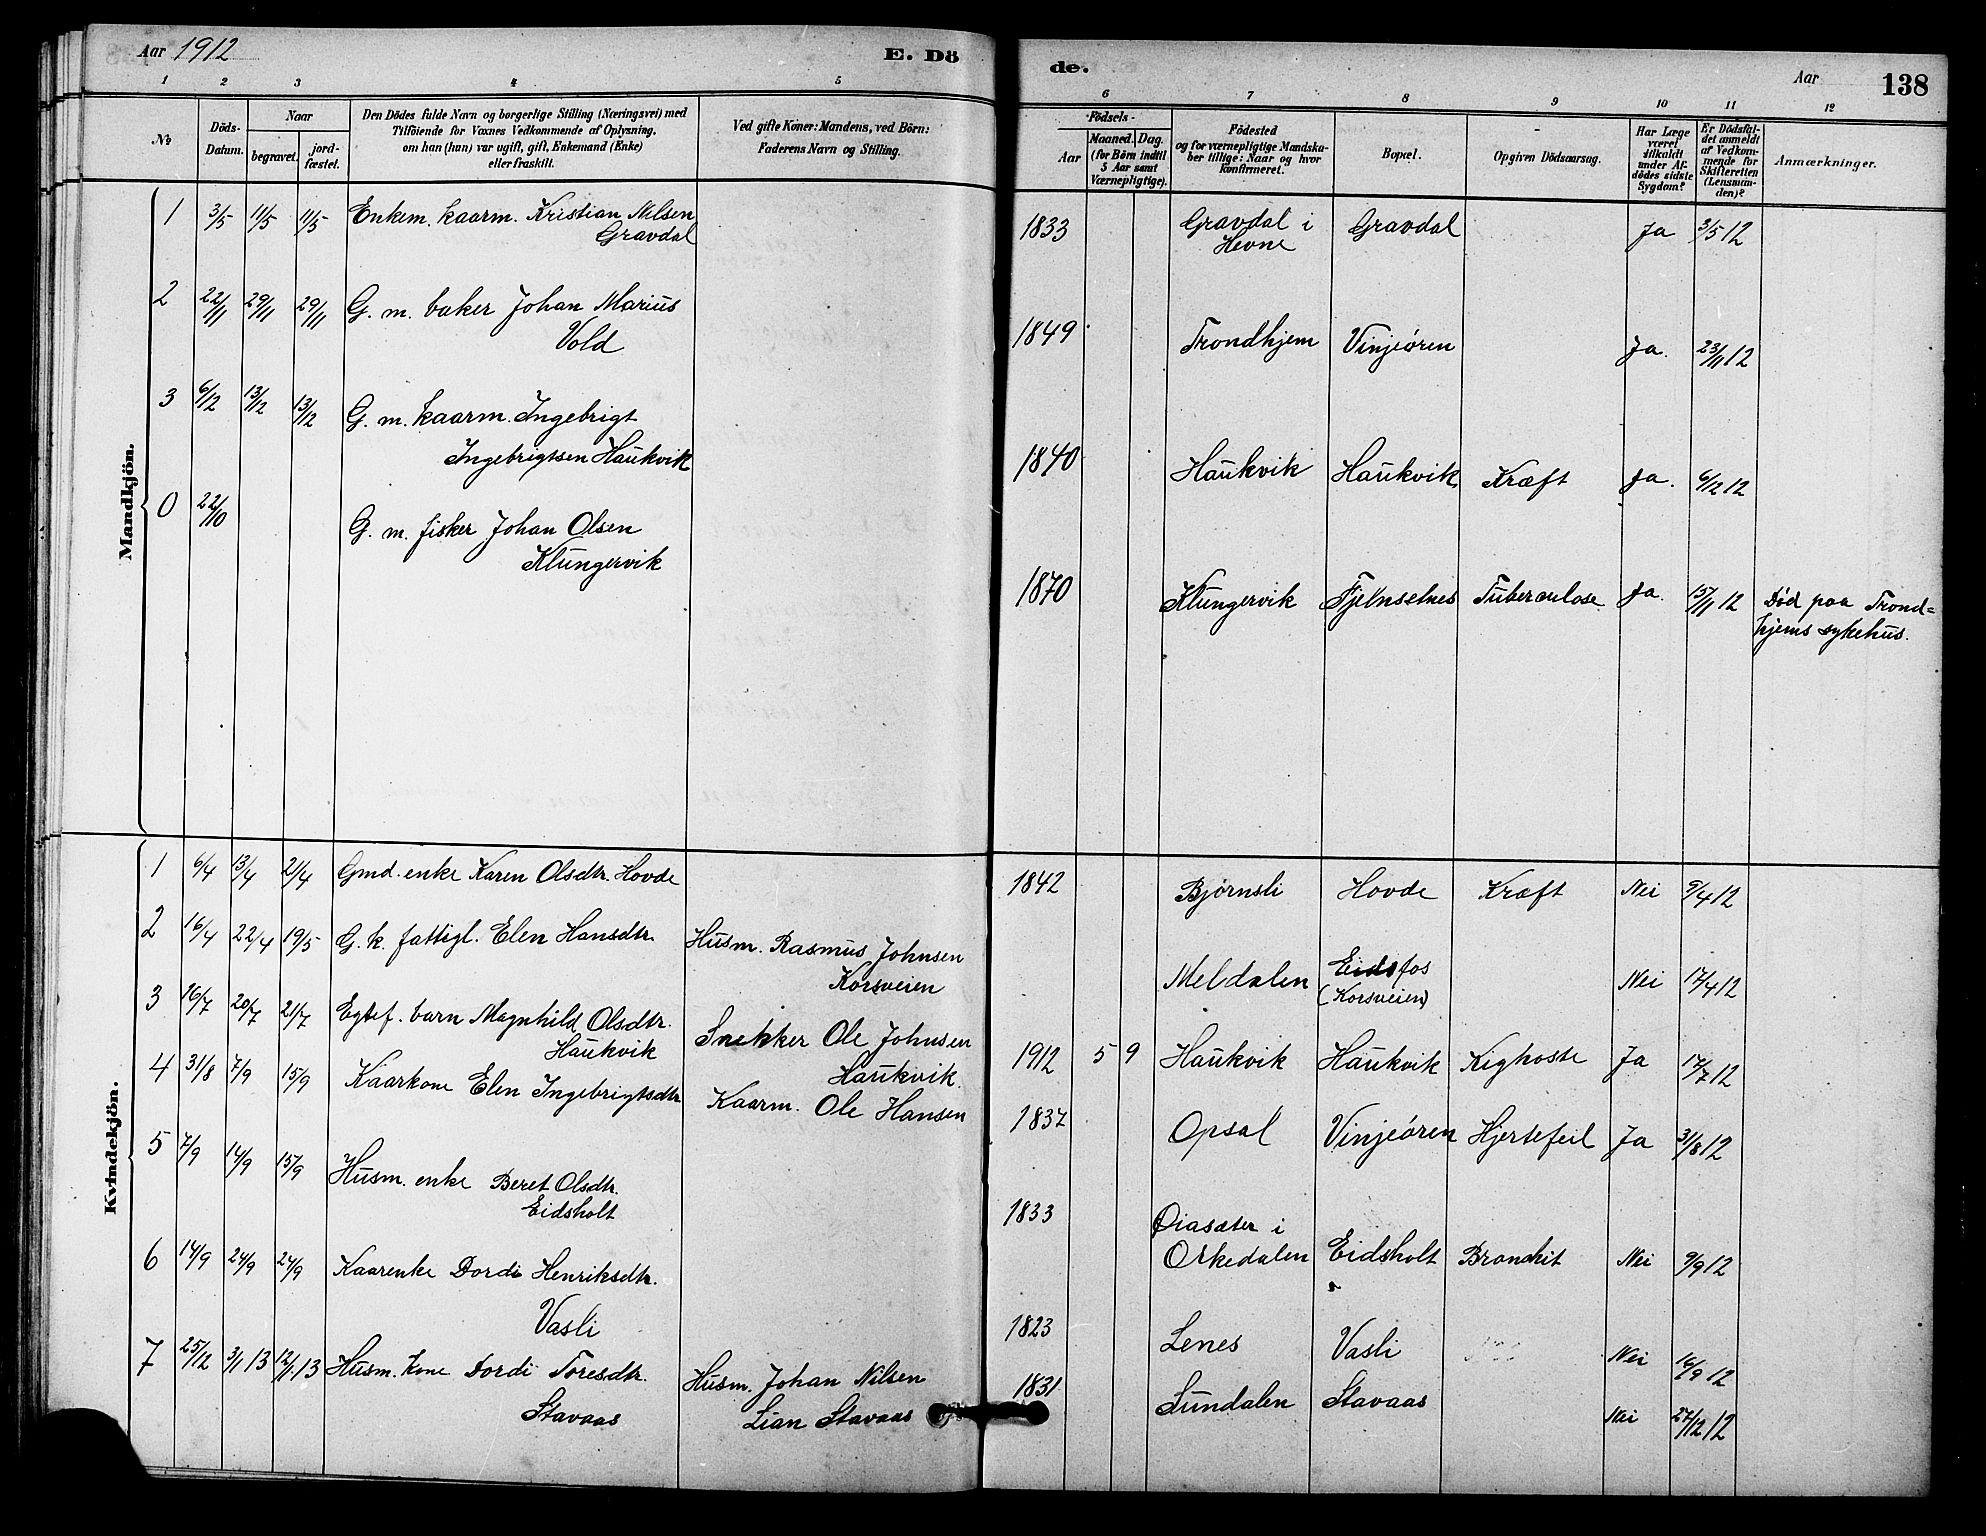 SAT, Ministerialprotokoller, klokkerbøker og fødselsregistre - Sør-Trøndelag, 631/L0514: Klokkerbok nr. 631C02, 1879-1912, s. 138